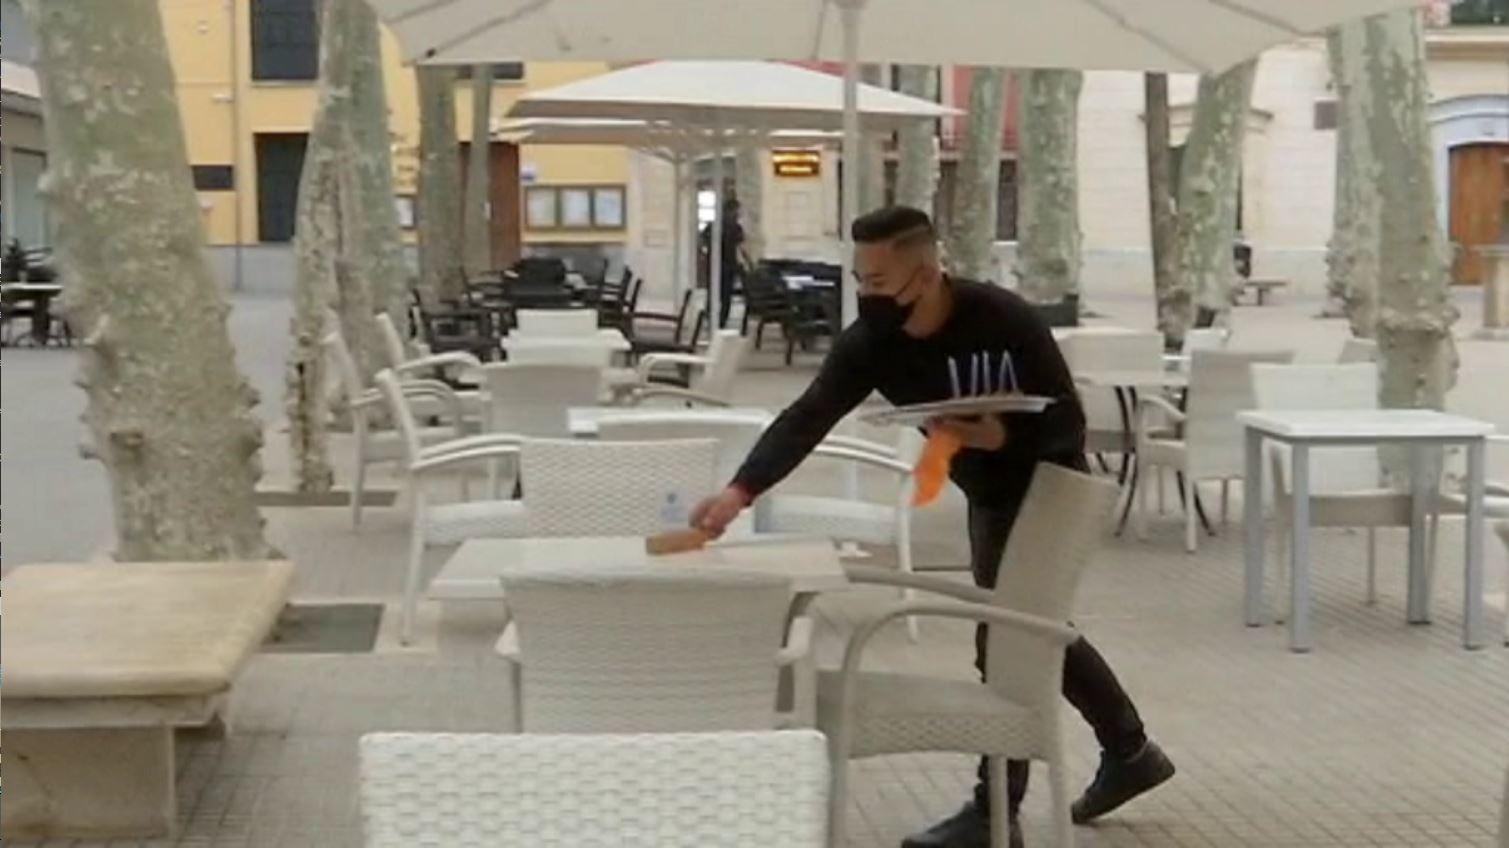 T%C3%ADmida+obertura+dels+bars+i+restaurants+al+vespre+a+la+Part+Forana